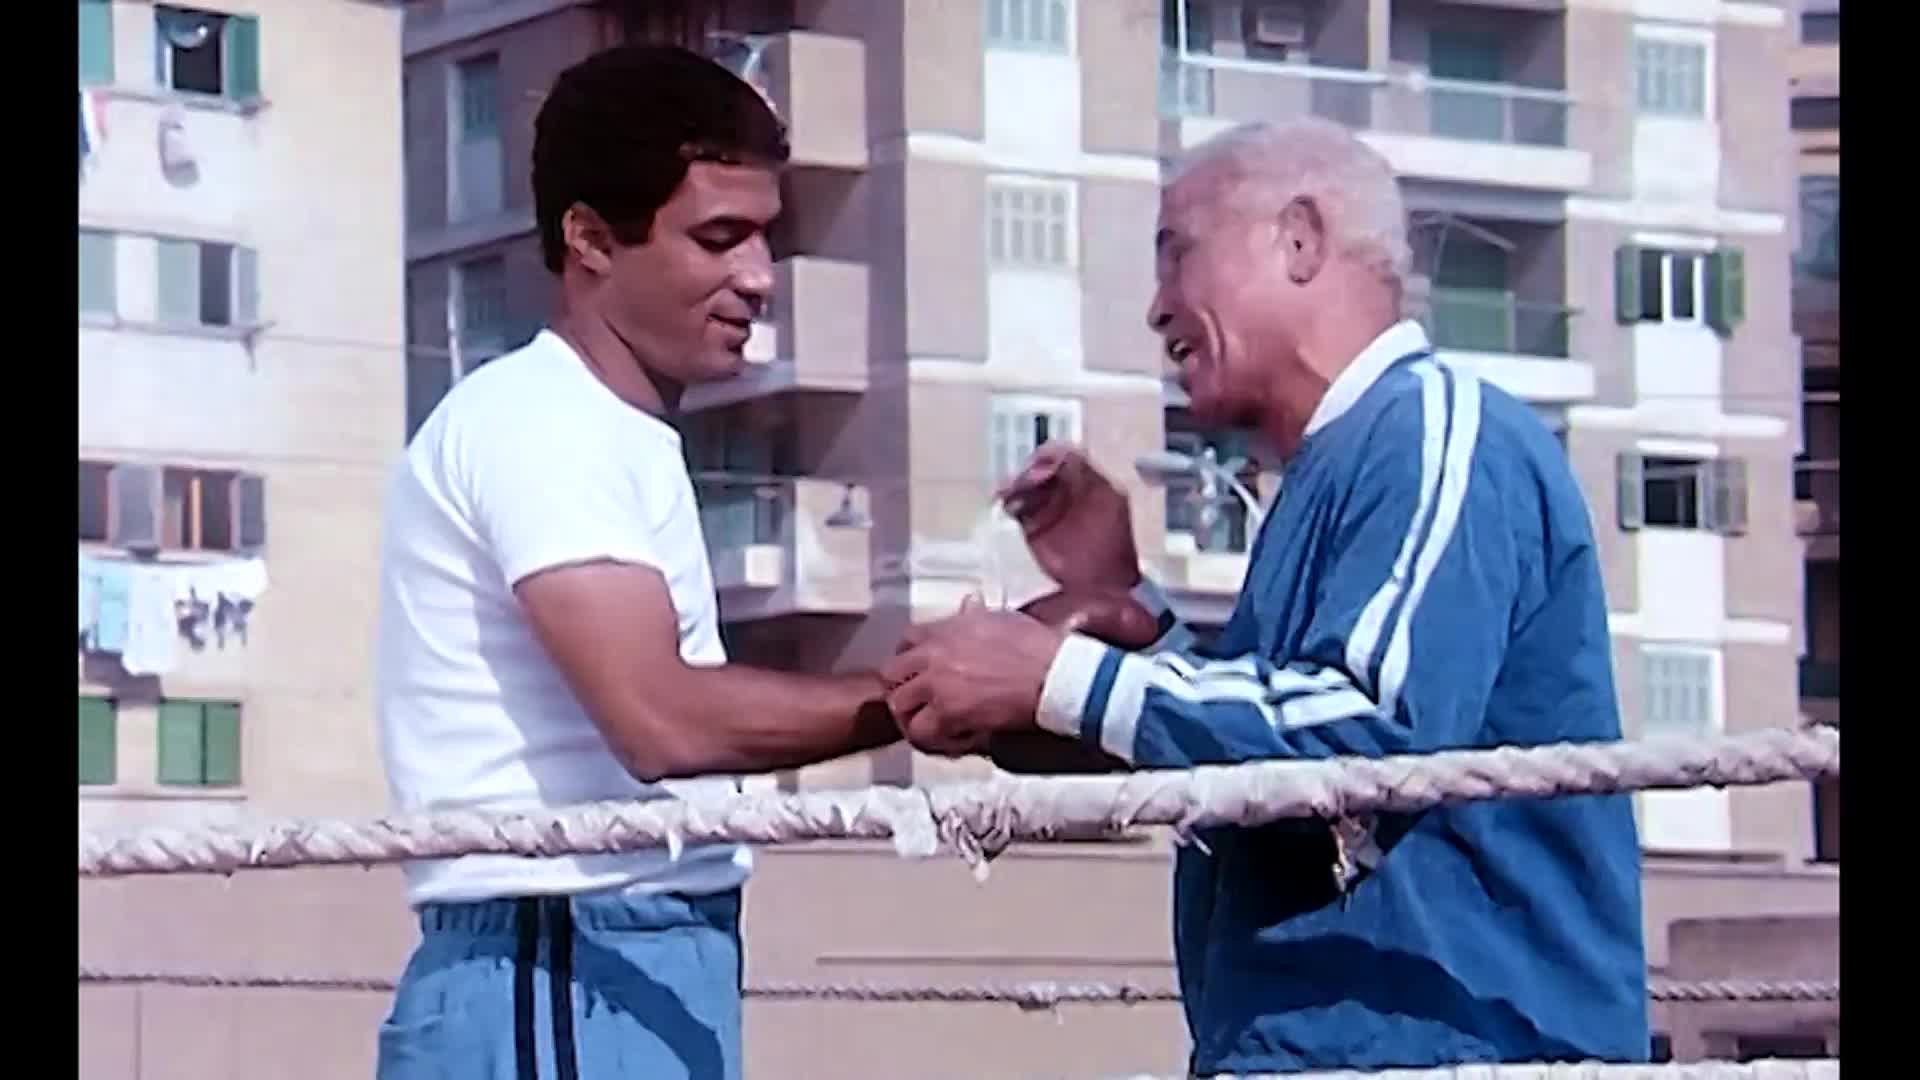 [فيلم][تورنت][تحميل][النمر الأسود][1984][1080p][Web-DL] 3 arabp2p.com